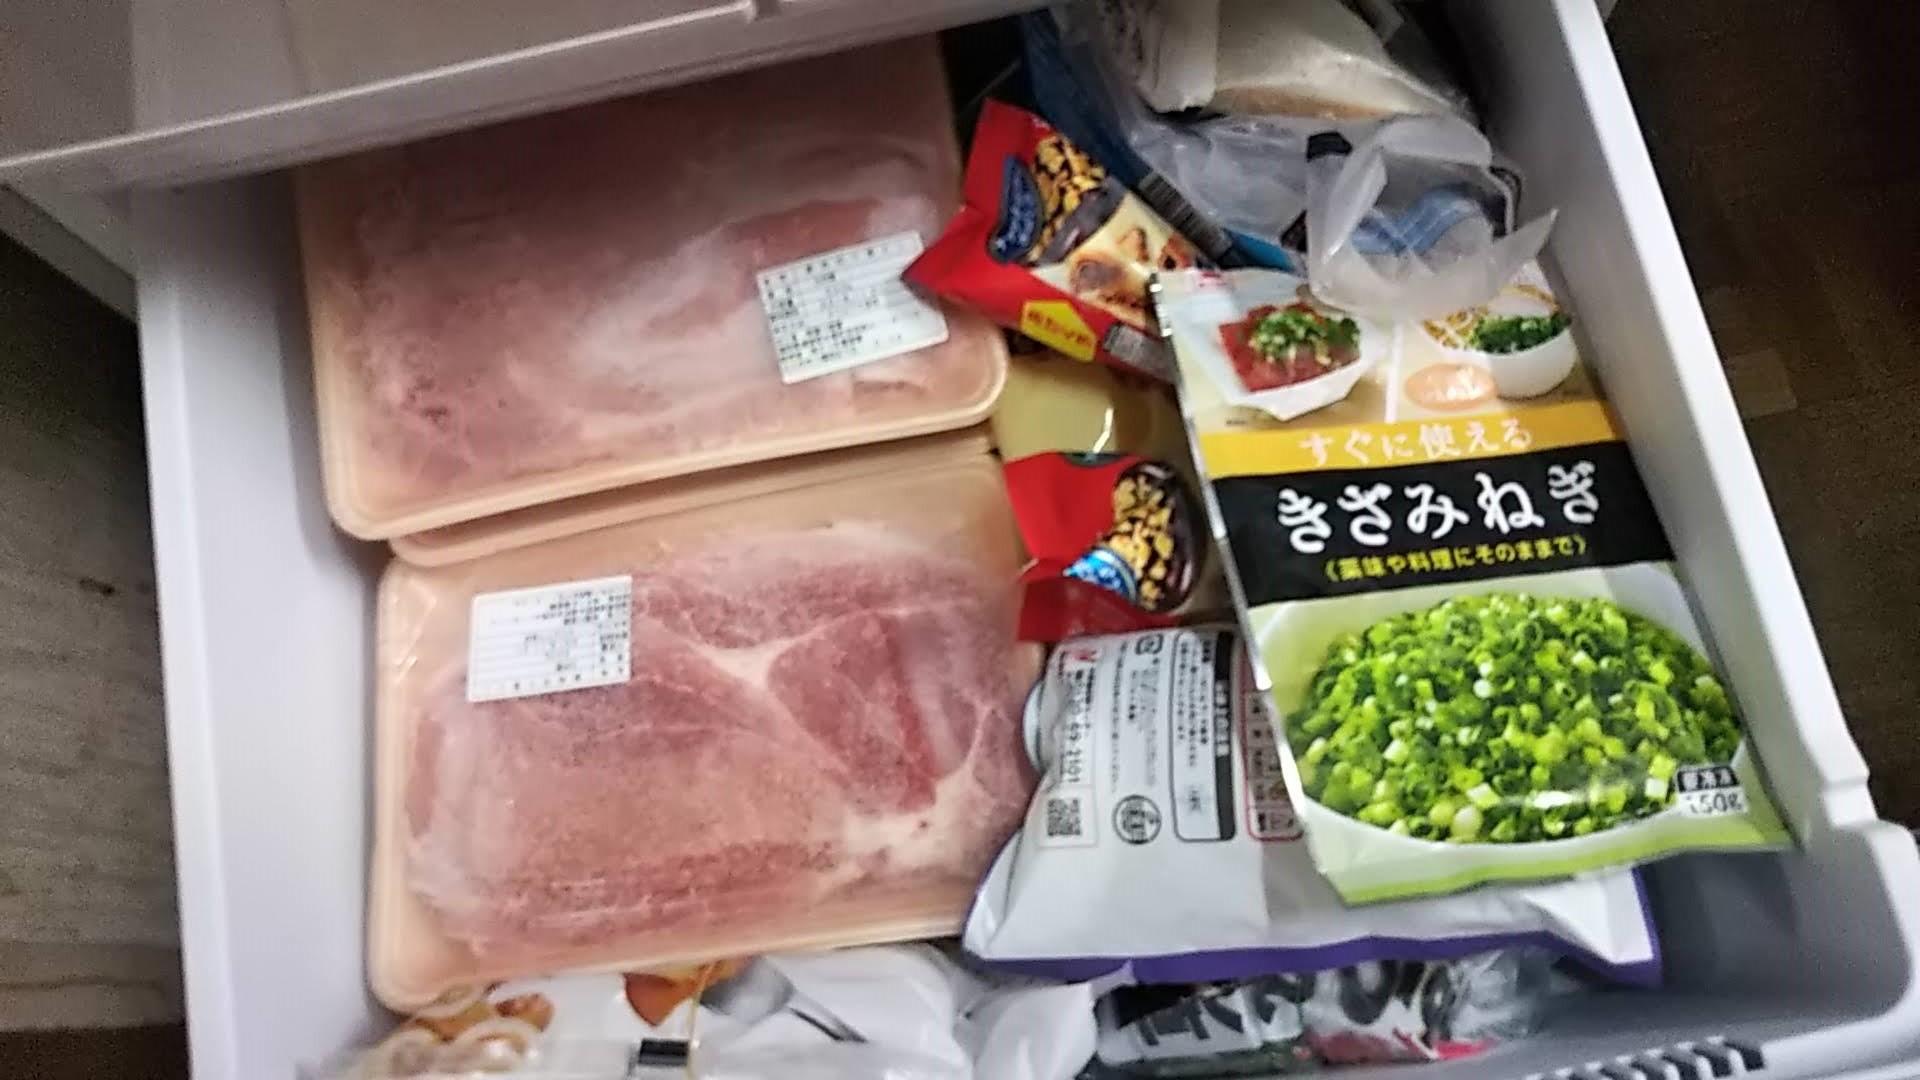 ふるさと納税で普段使いにと豚肉切落とし400g×10パックが届いた